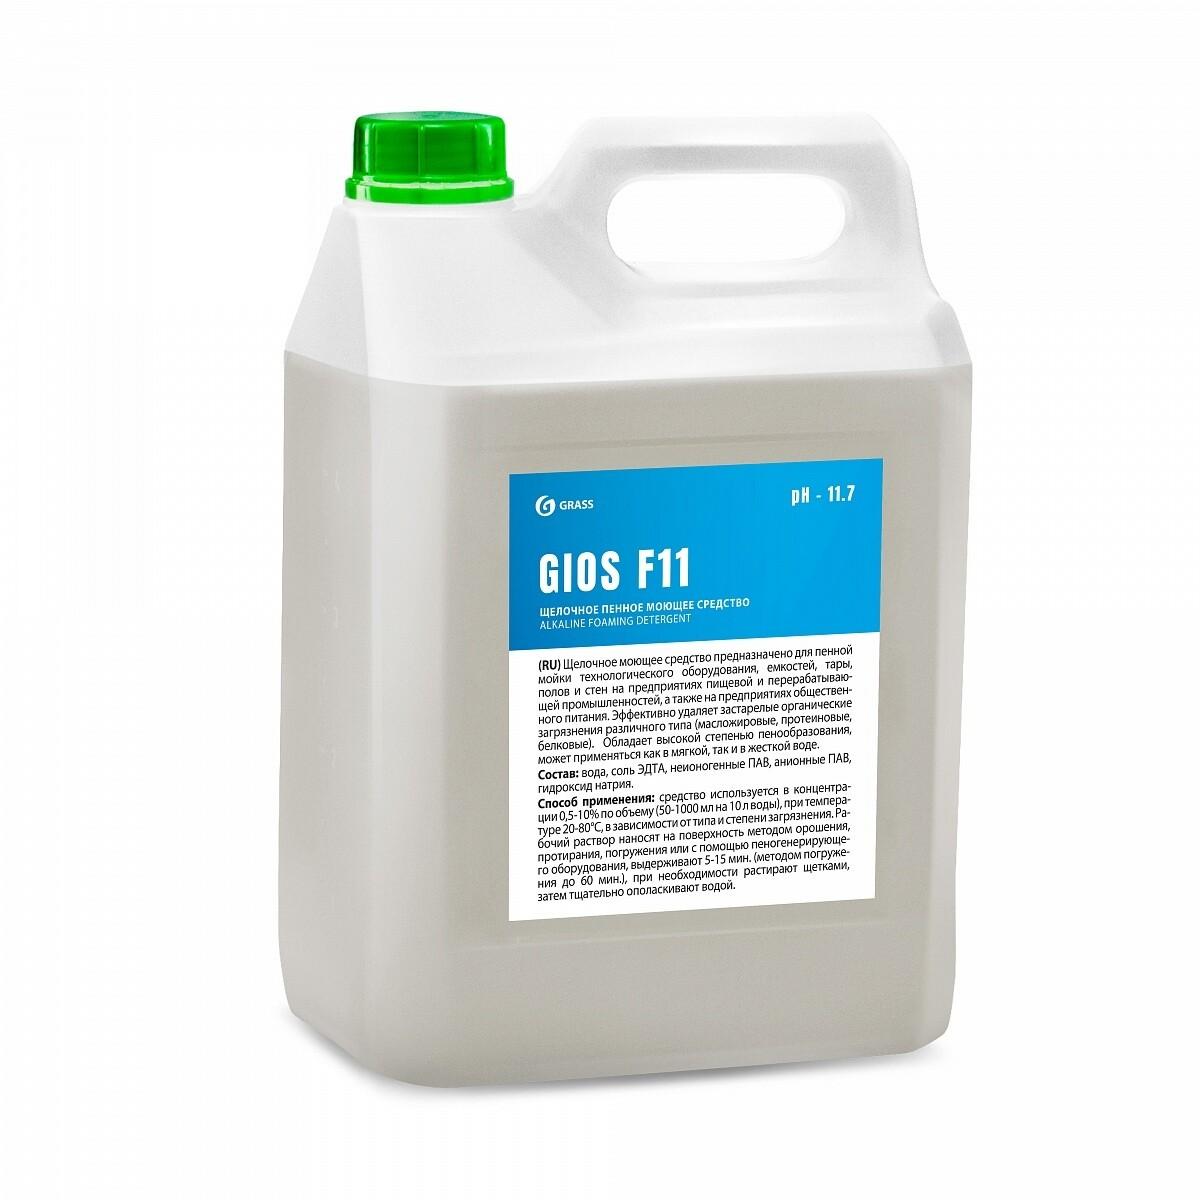 Щелочное пенное моющее средство GIOS F11